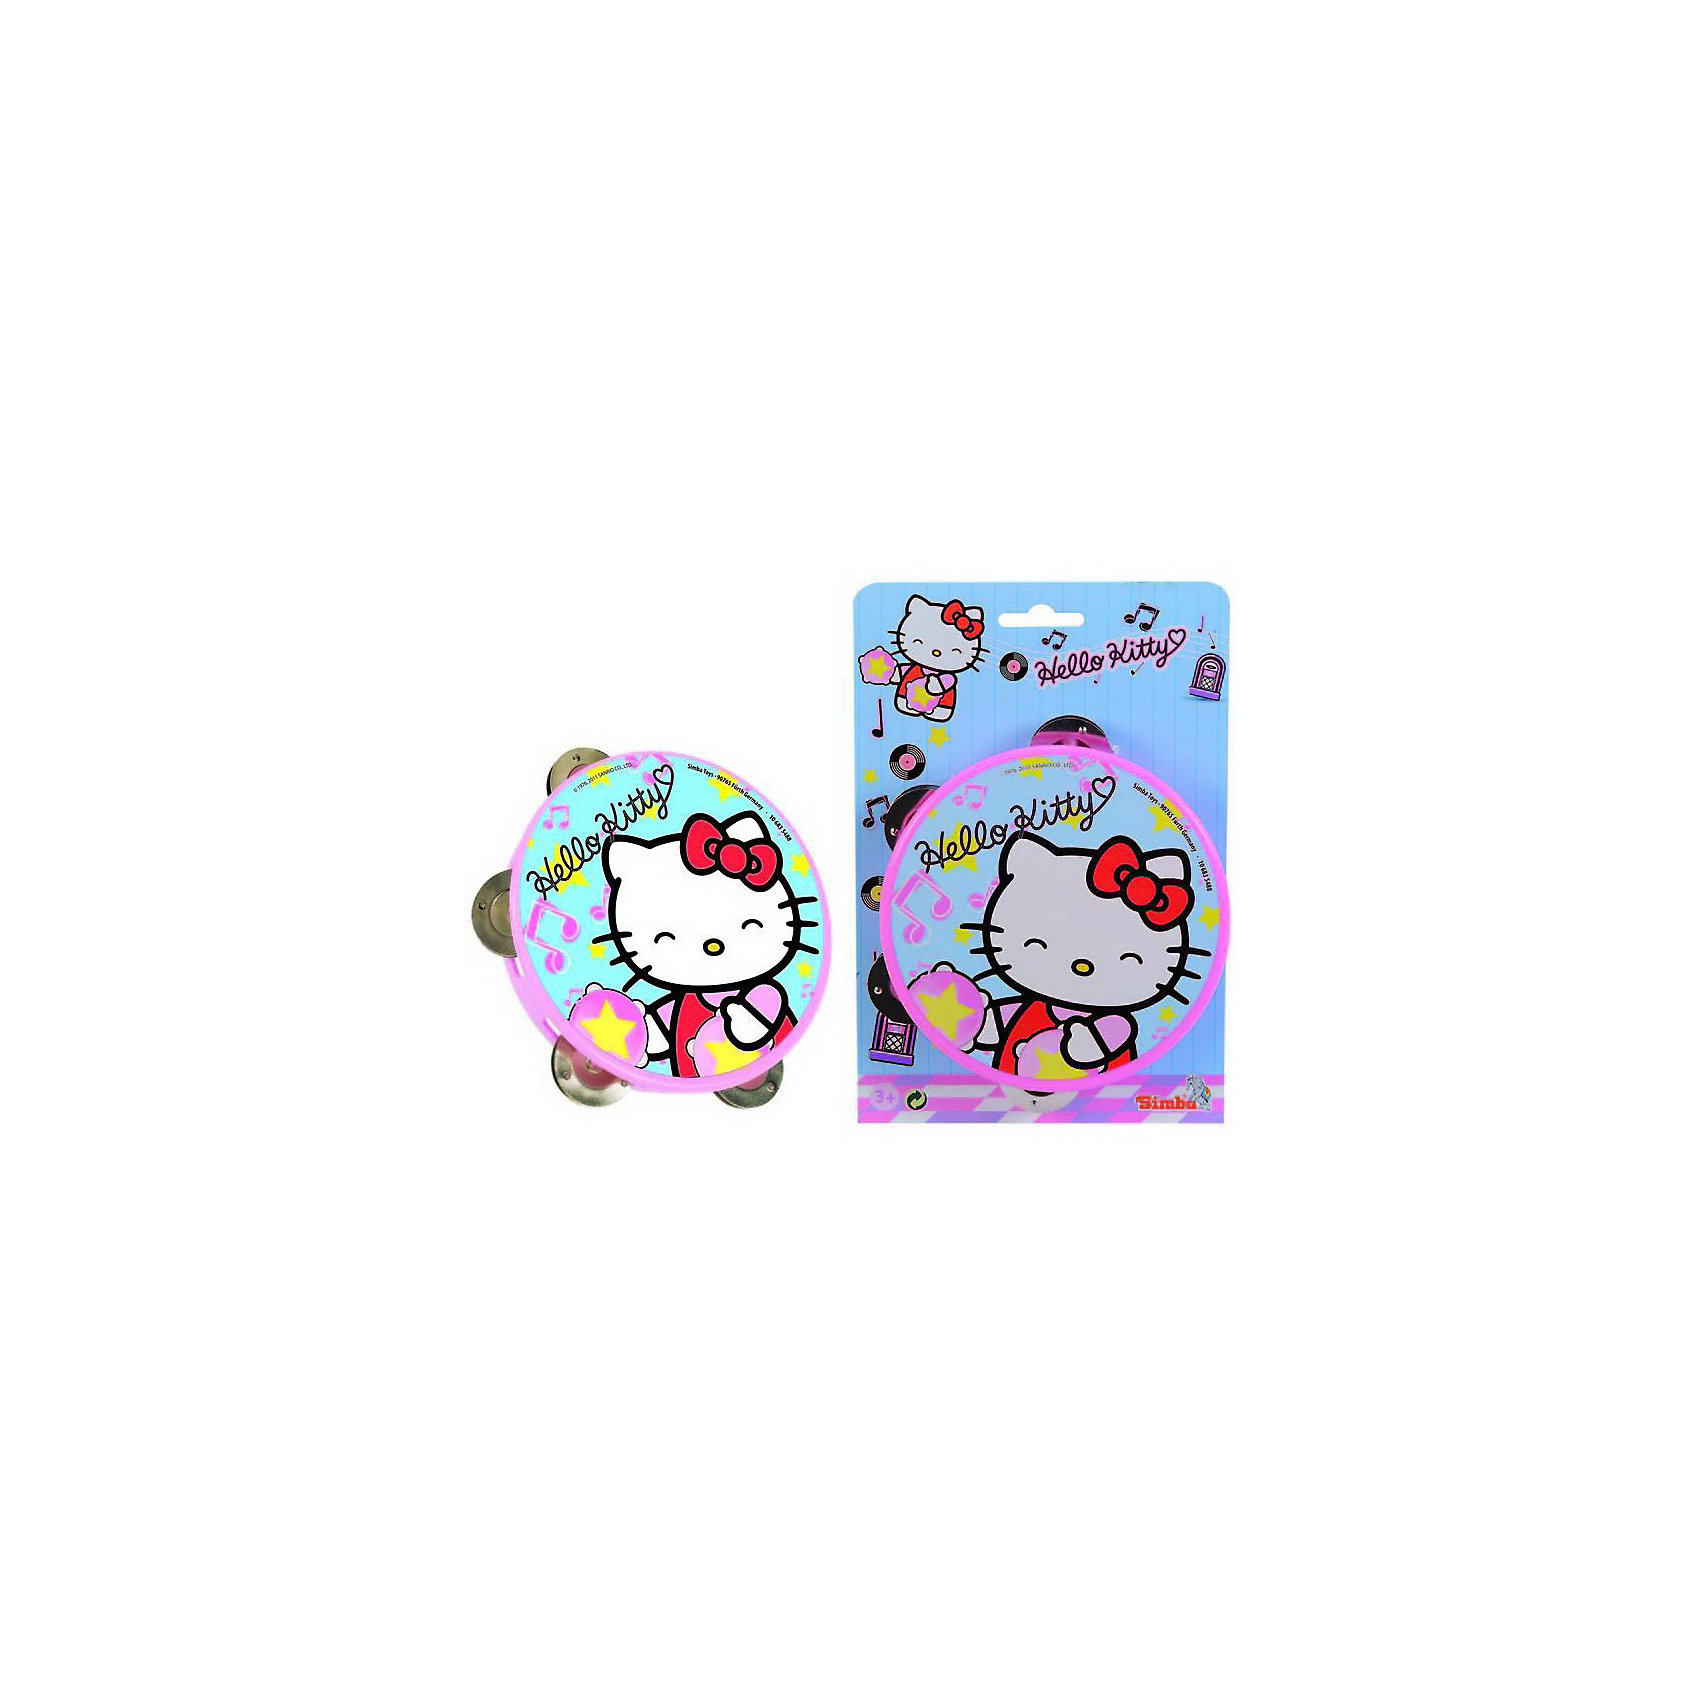 Simba                 Тамбурин Hello KittyИгрушки<br>Симпатичный розовый бубен с изображением белой кошечки Hello Kitty. В бубне с 4 металлические тарелочки, которые издают приятный мелодичный звук  при ударе в бубен.<br><br>Дополнительная информация:<br><br>- Материал: пластик и металл<br>- Размер игрушки: 15 см. <br>- Размер упаковки: 25 х 3,4 х 17 см.<br>- Вес:  0,126 кг.<br><br>Развивает мелкую моторику, музыкальный слух. и чувство ритма  <br><br>Приобрести бубен можно в нашем магазине<br><br>Ширина мм: 170<br>Глубина мм: 40<br>Высота мм: 250<br>Вес г: 126<br>Возраст от месяцев: 36<br>Возраст до месяцев: 1188<br>Пол: Унисекс<br>Возраст: Детский<br>SKU: 2497503